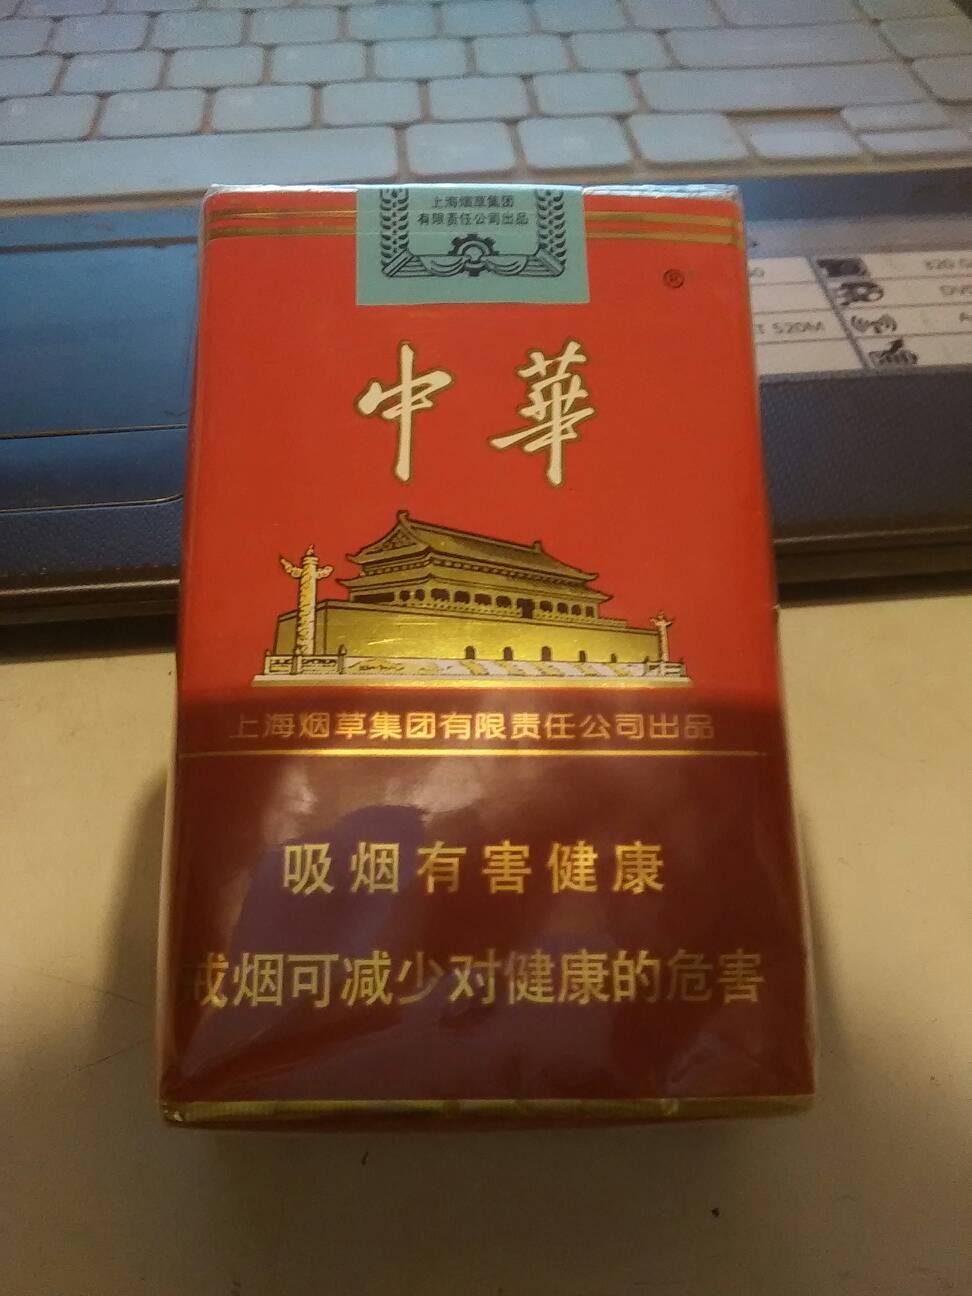 中华1951多少钱一包_这个中华烟多少钱一包?